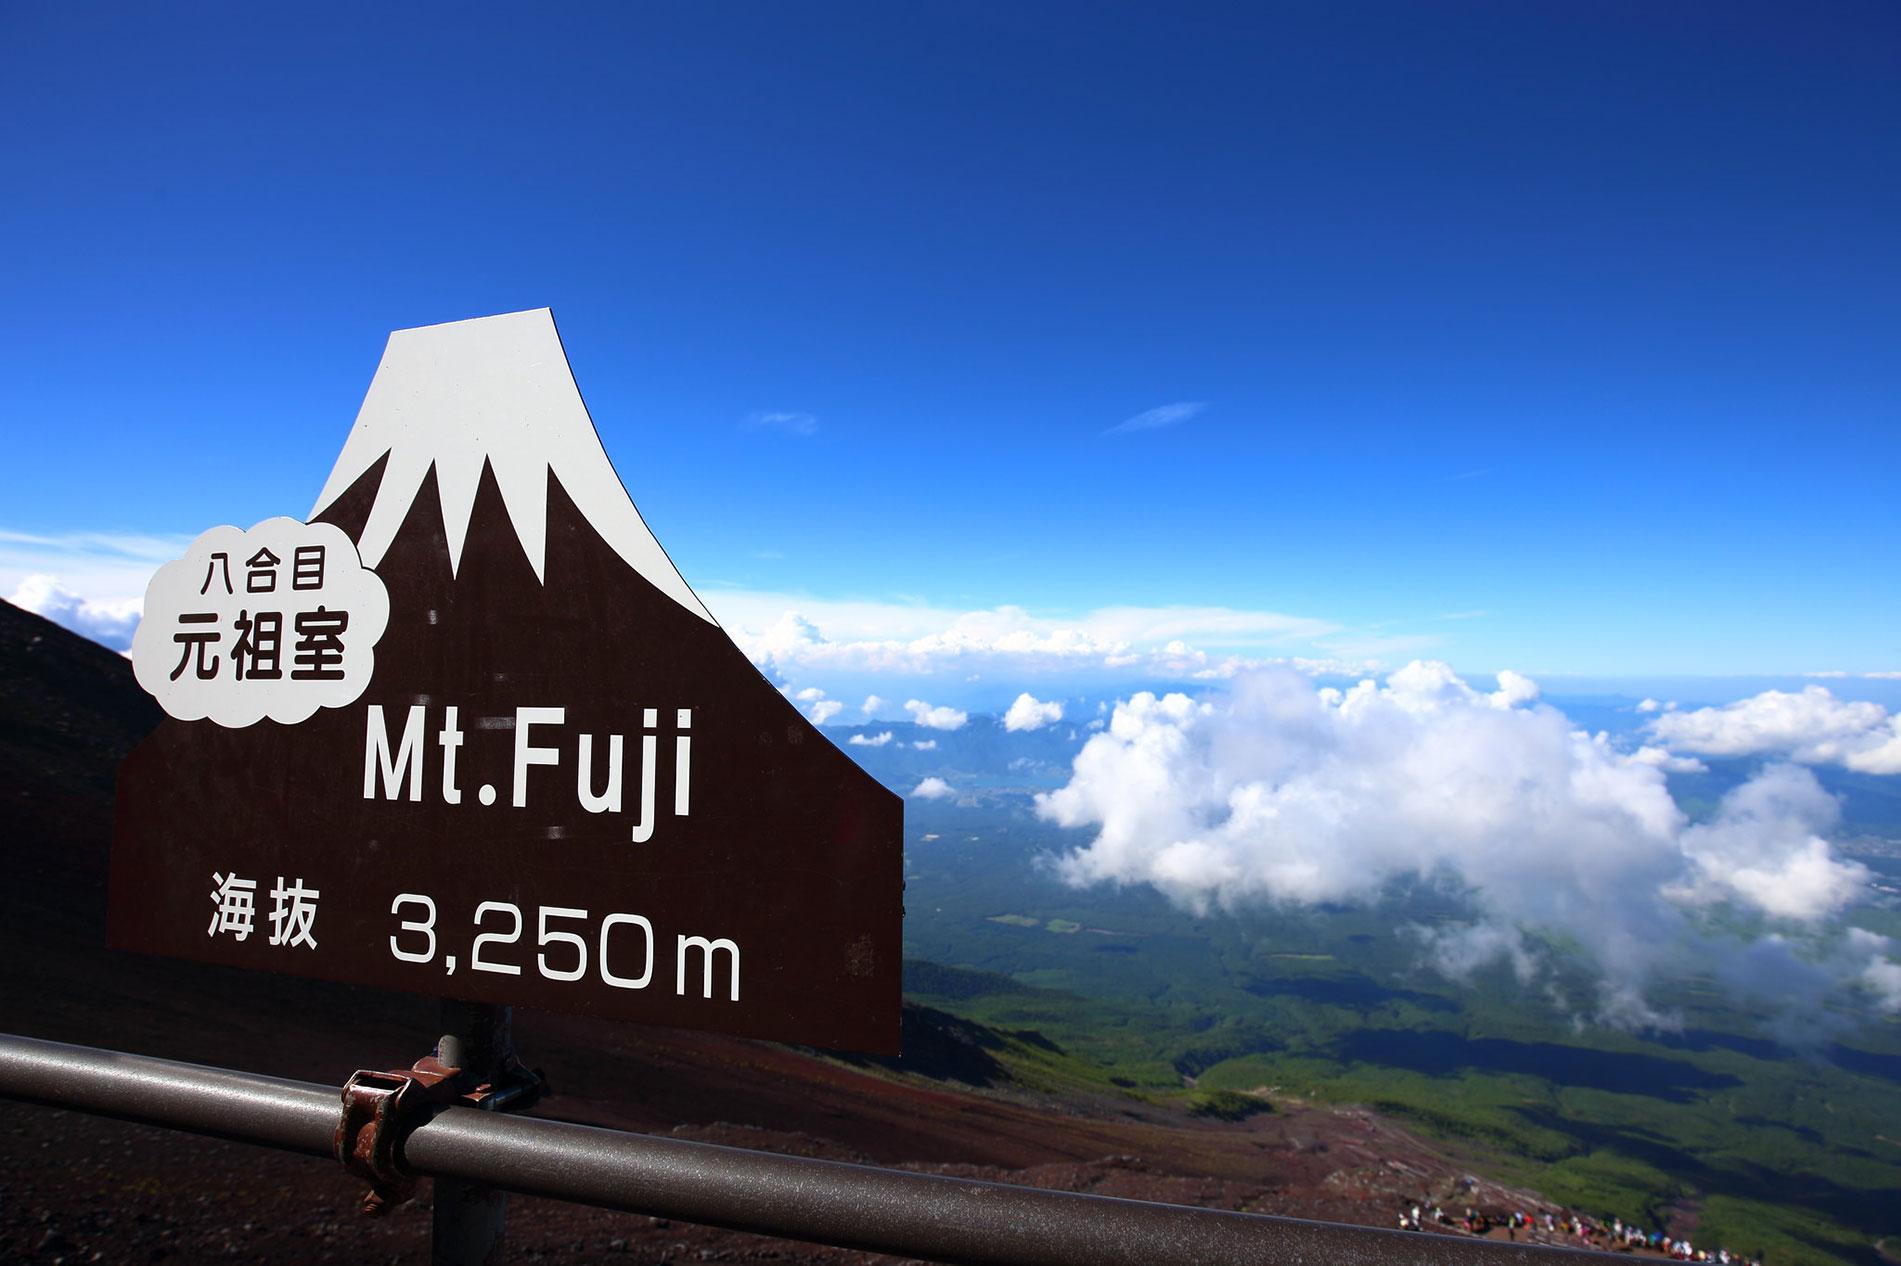 Bald geschafft: der Fuji ist 3776 Meter hoch und kann nur im Hochsommer bestiegen werden. (Foto: skyseeker auf Flickr https://www.flickr.com/photos/skyseeker/28328455393 CC BY 2.0)